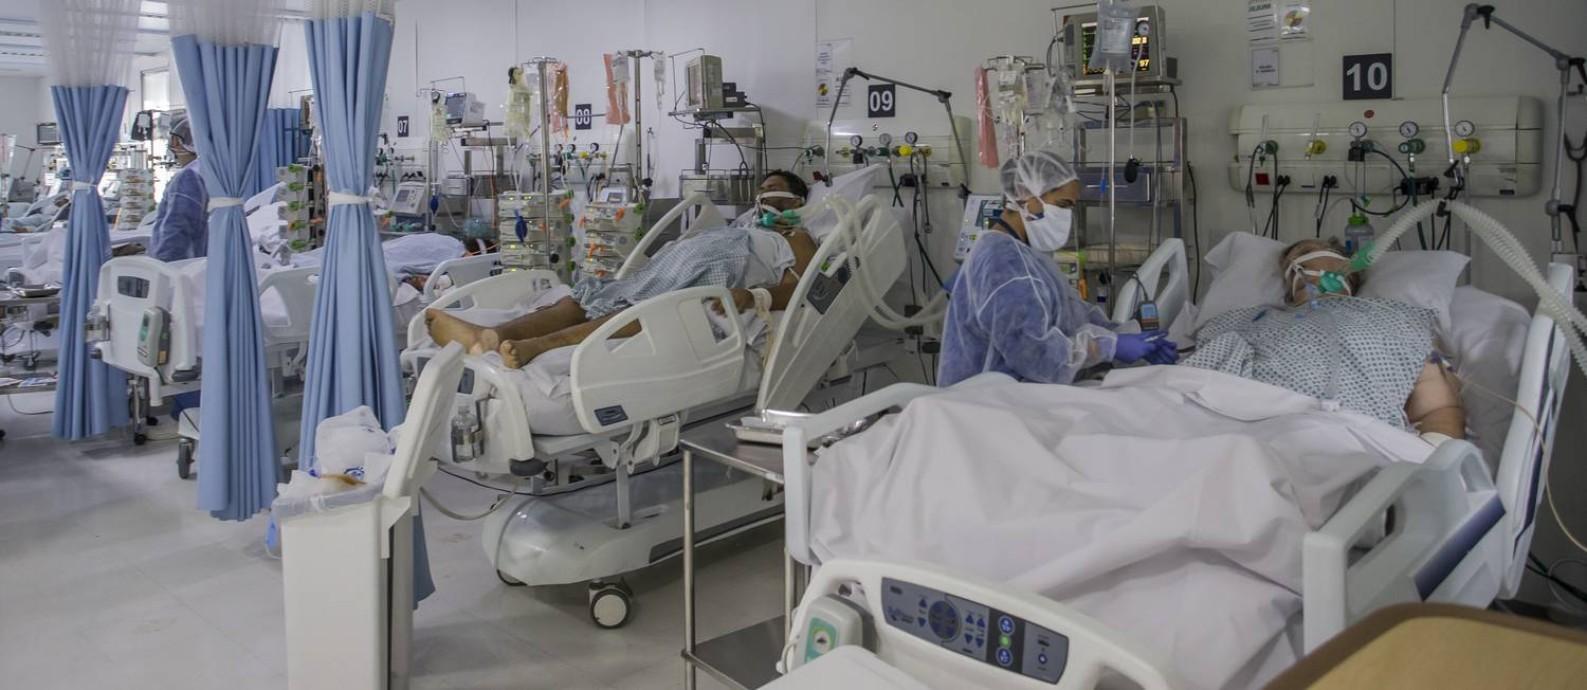 UTI de hospital na capital paulista na primeira fase da pandemia, em 2020 Foto: Edilson Dantas / Agência O Globo